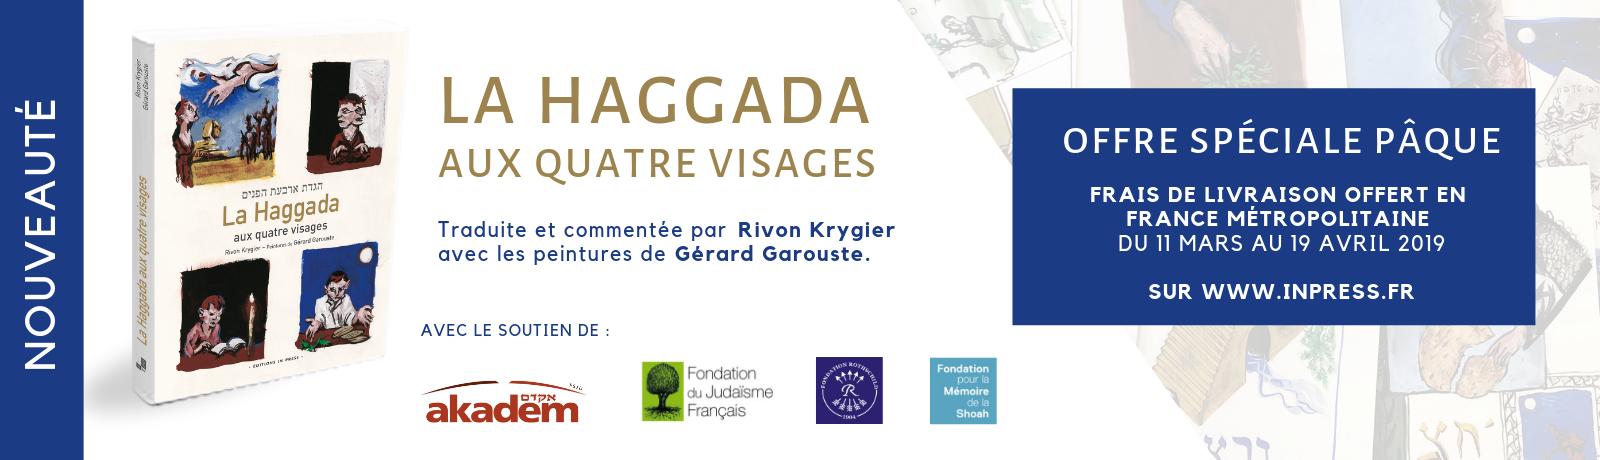 Bannière site Haggada offre Pessah